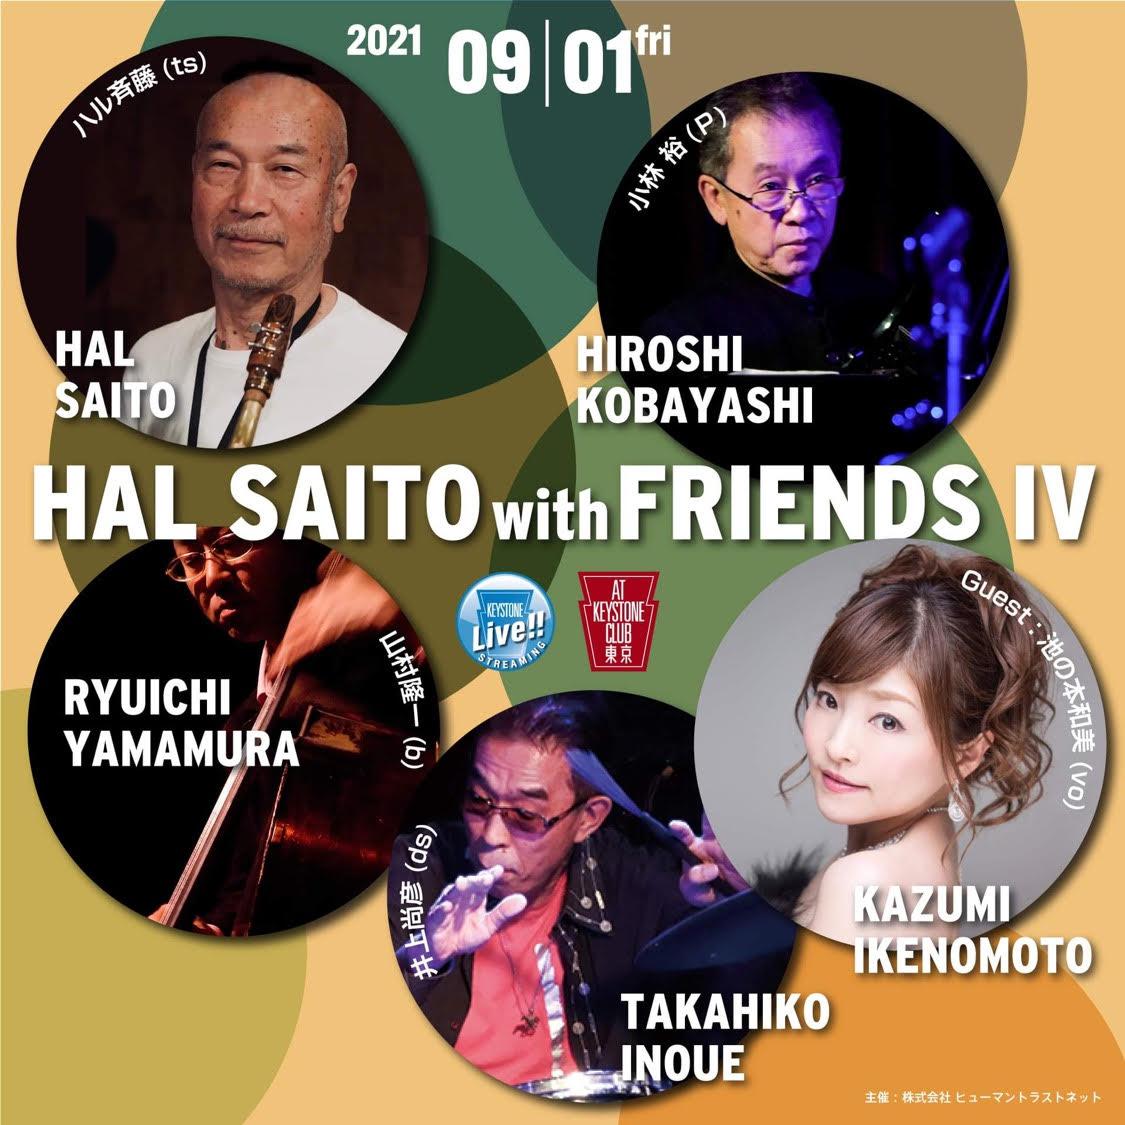 ハル斉藤with friend IV